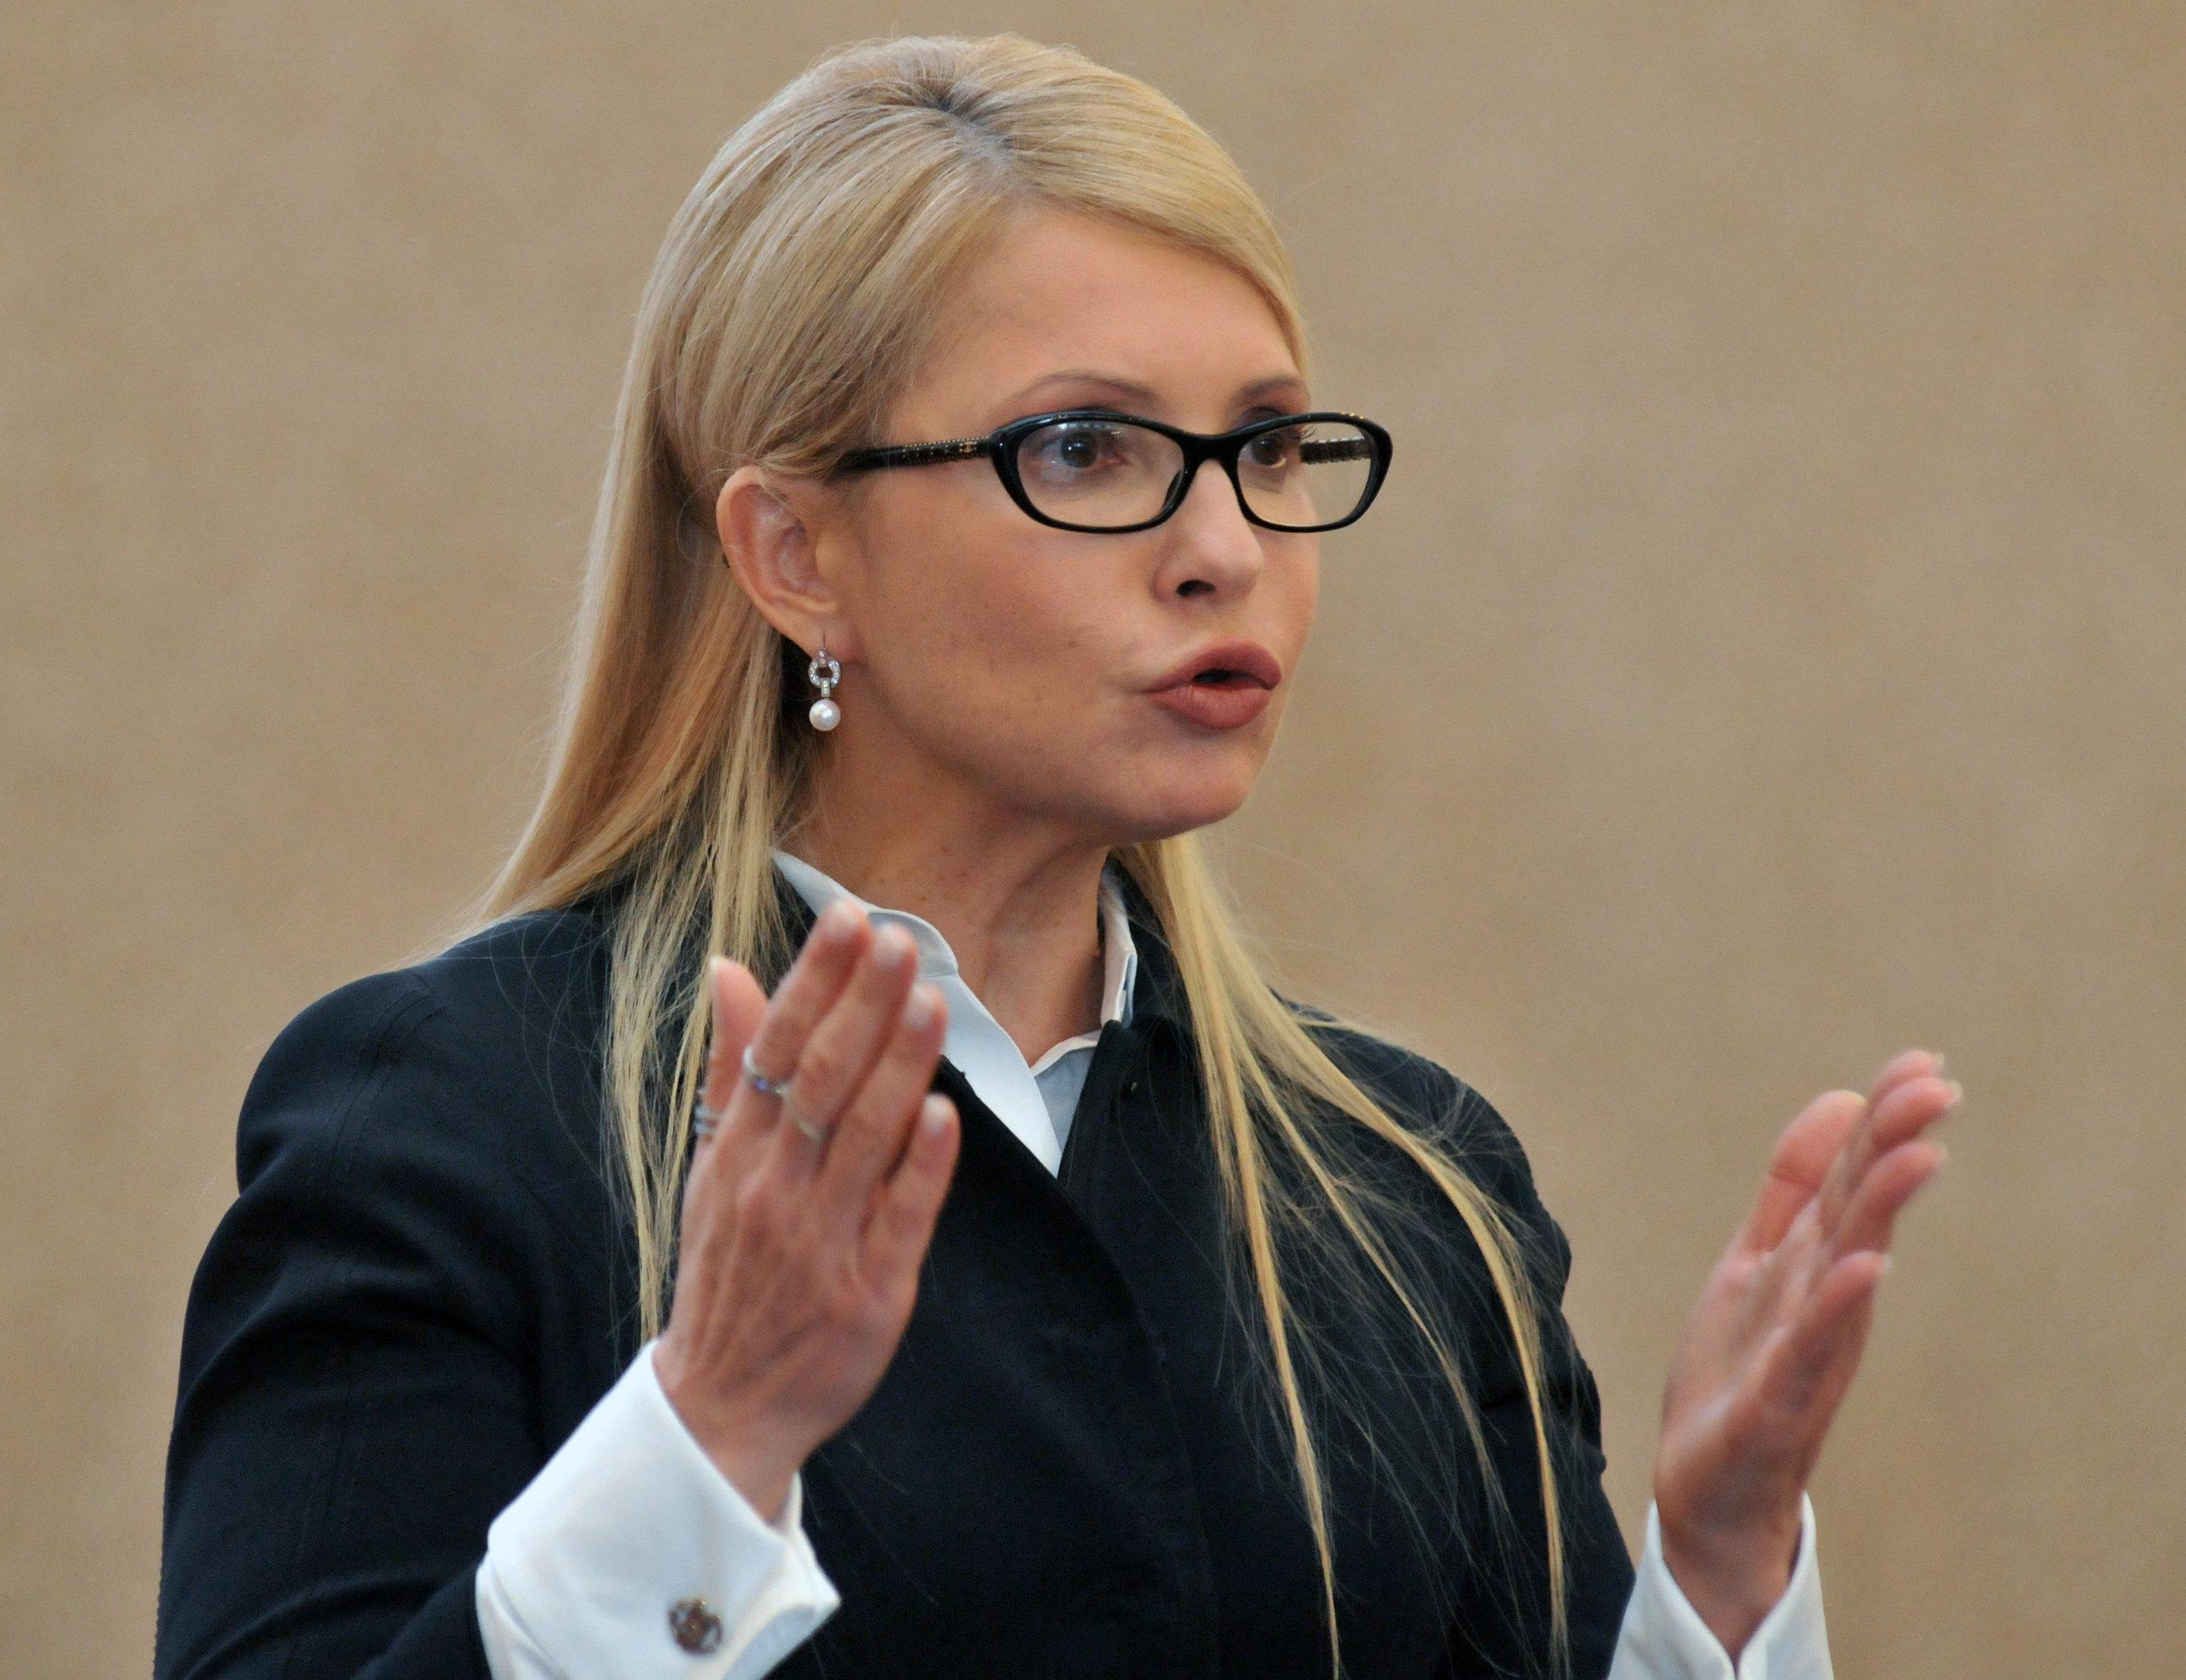 Тимошенко: Украинское государство ожидают «санкции икатастрофа». данная власть уничтожает Украинское государство!